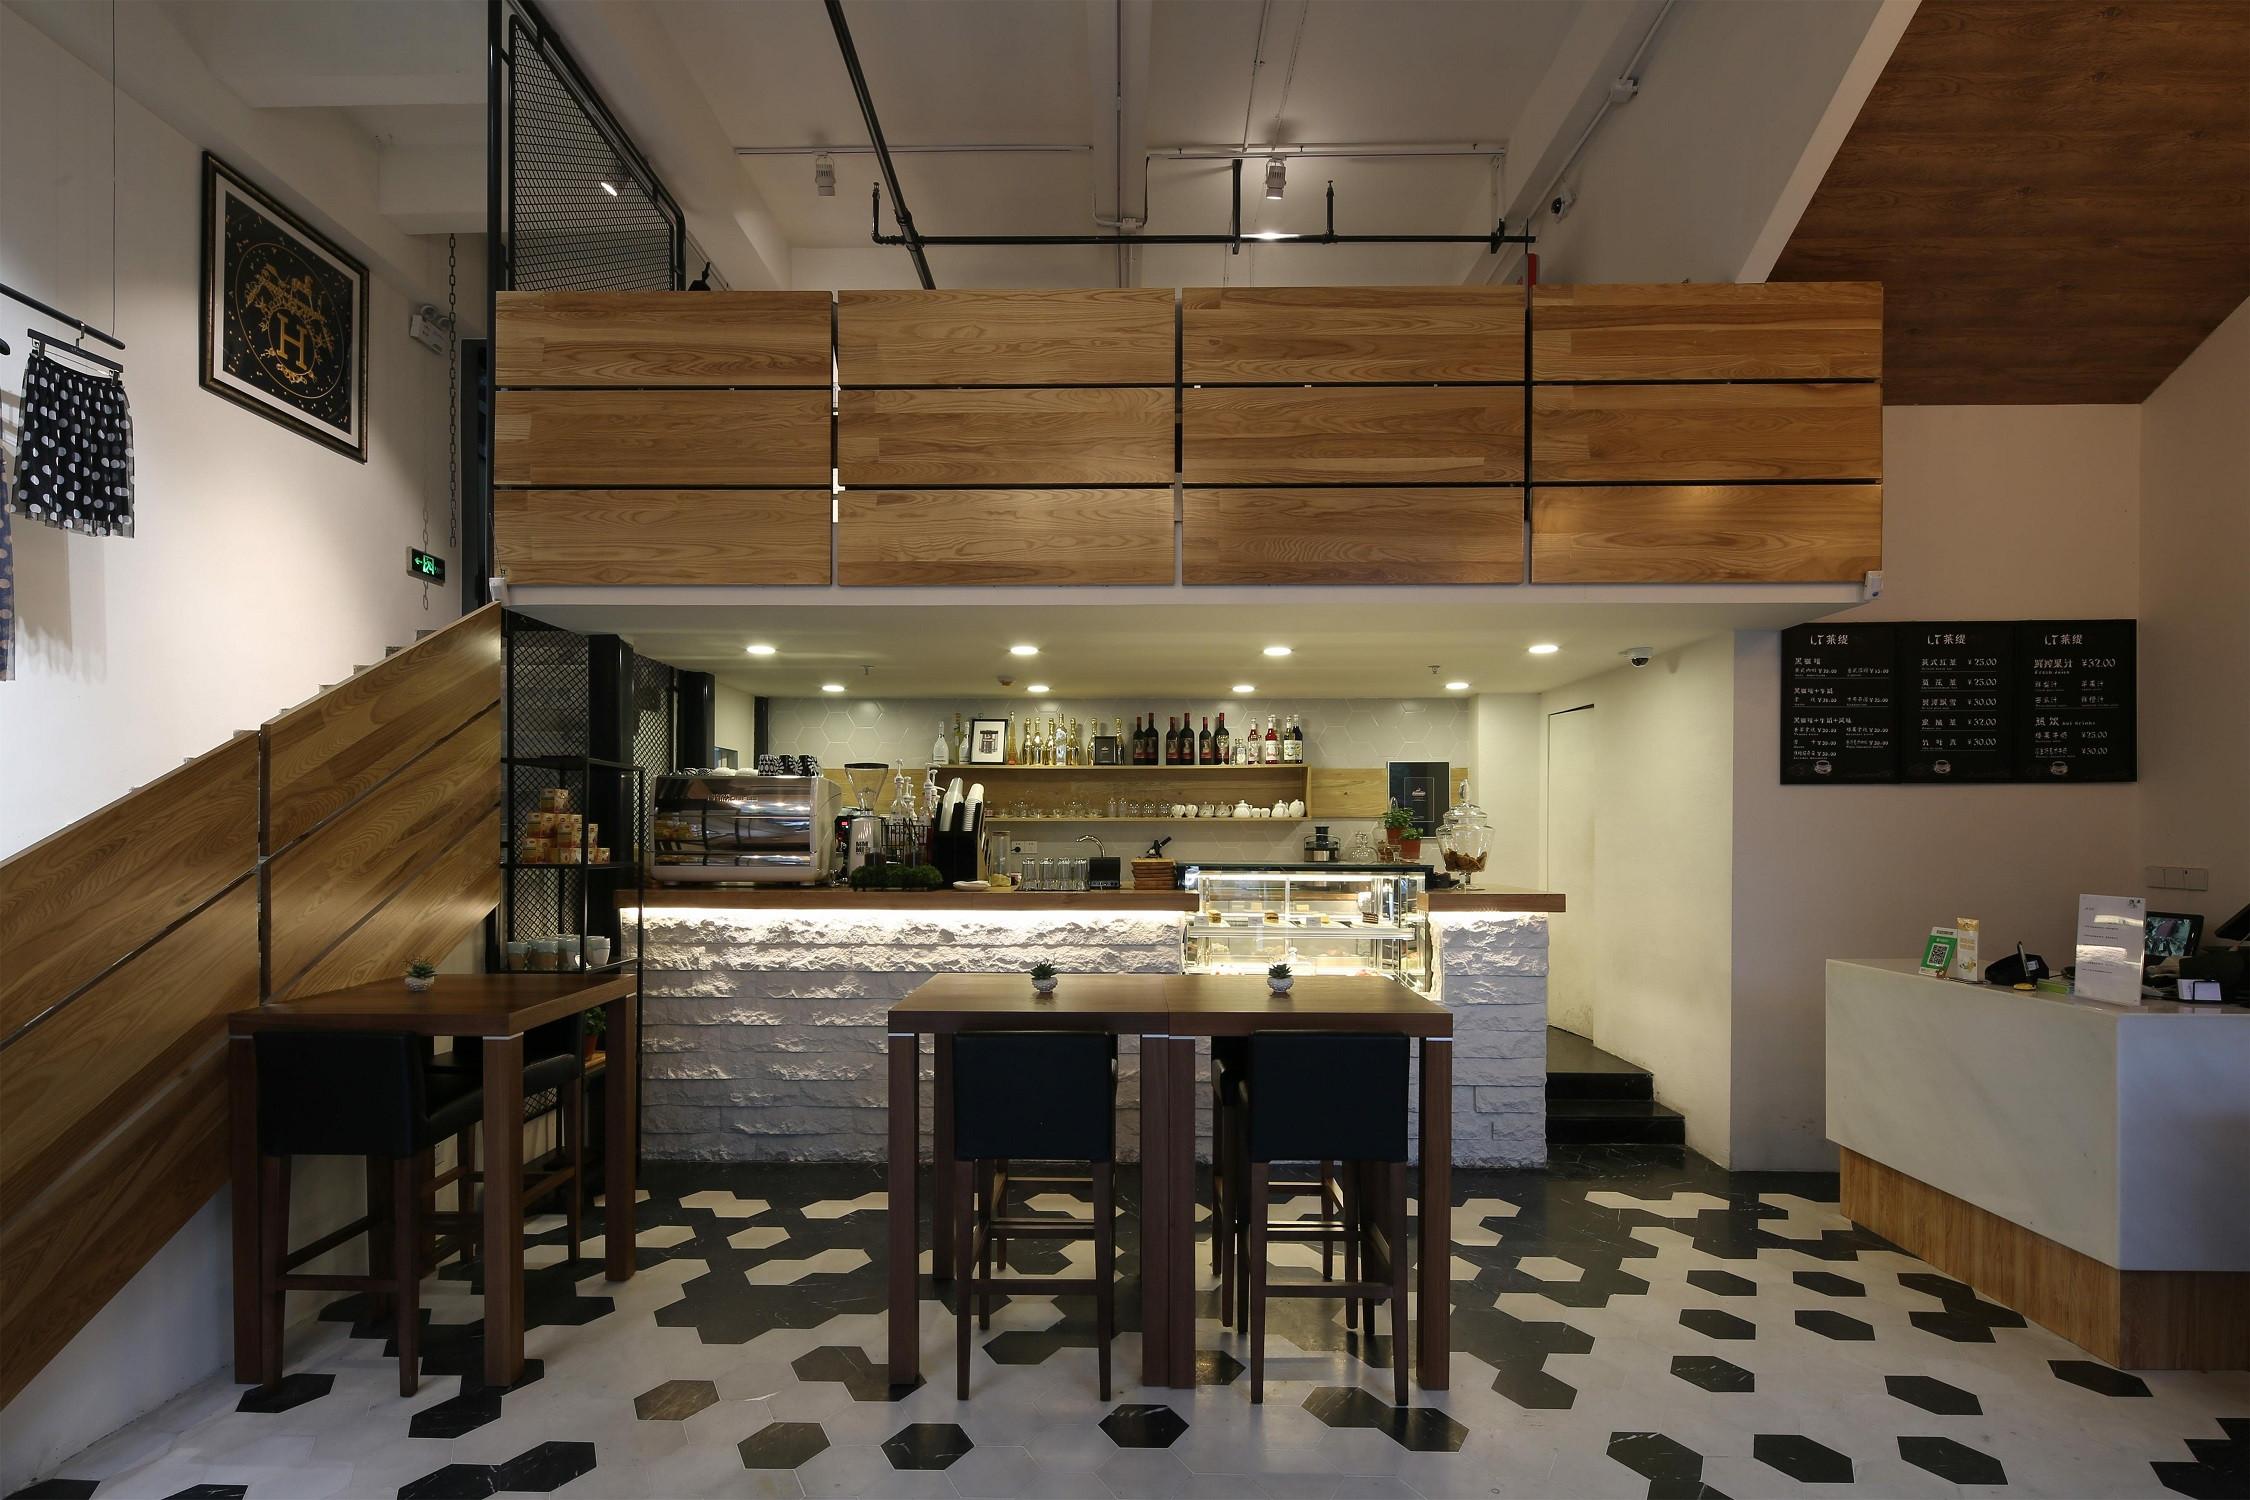 生活咖啡馆装修餐厅区